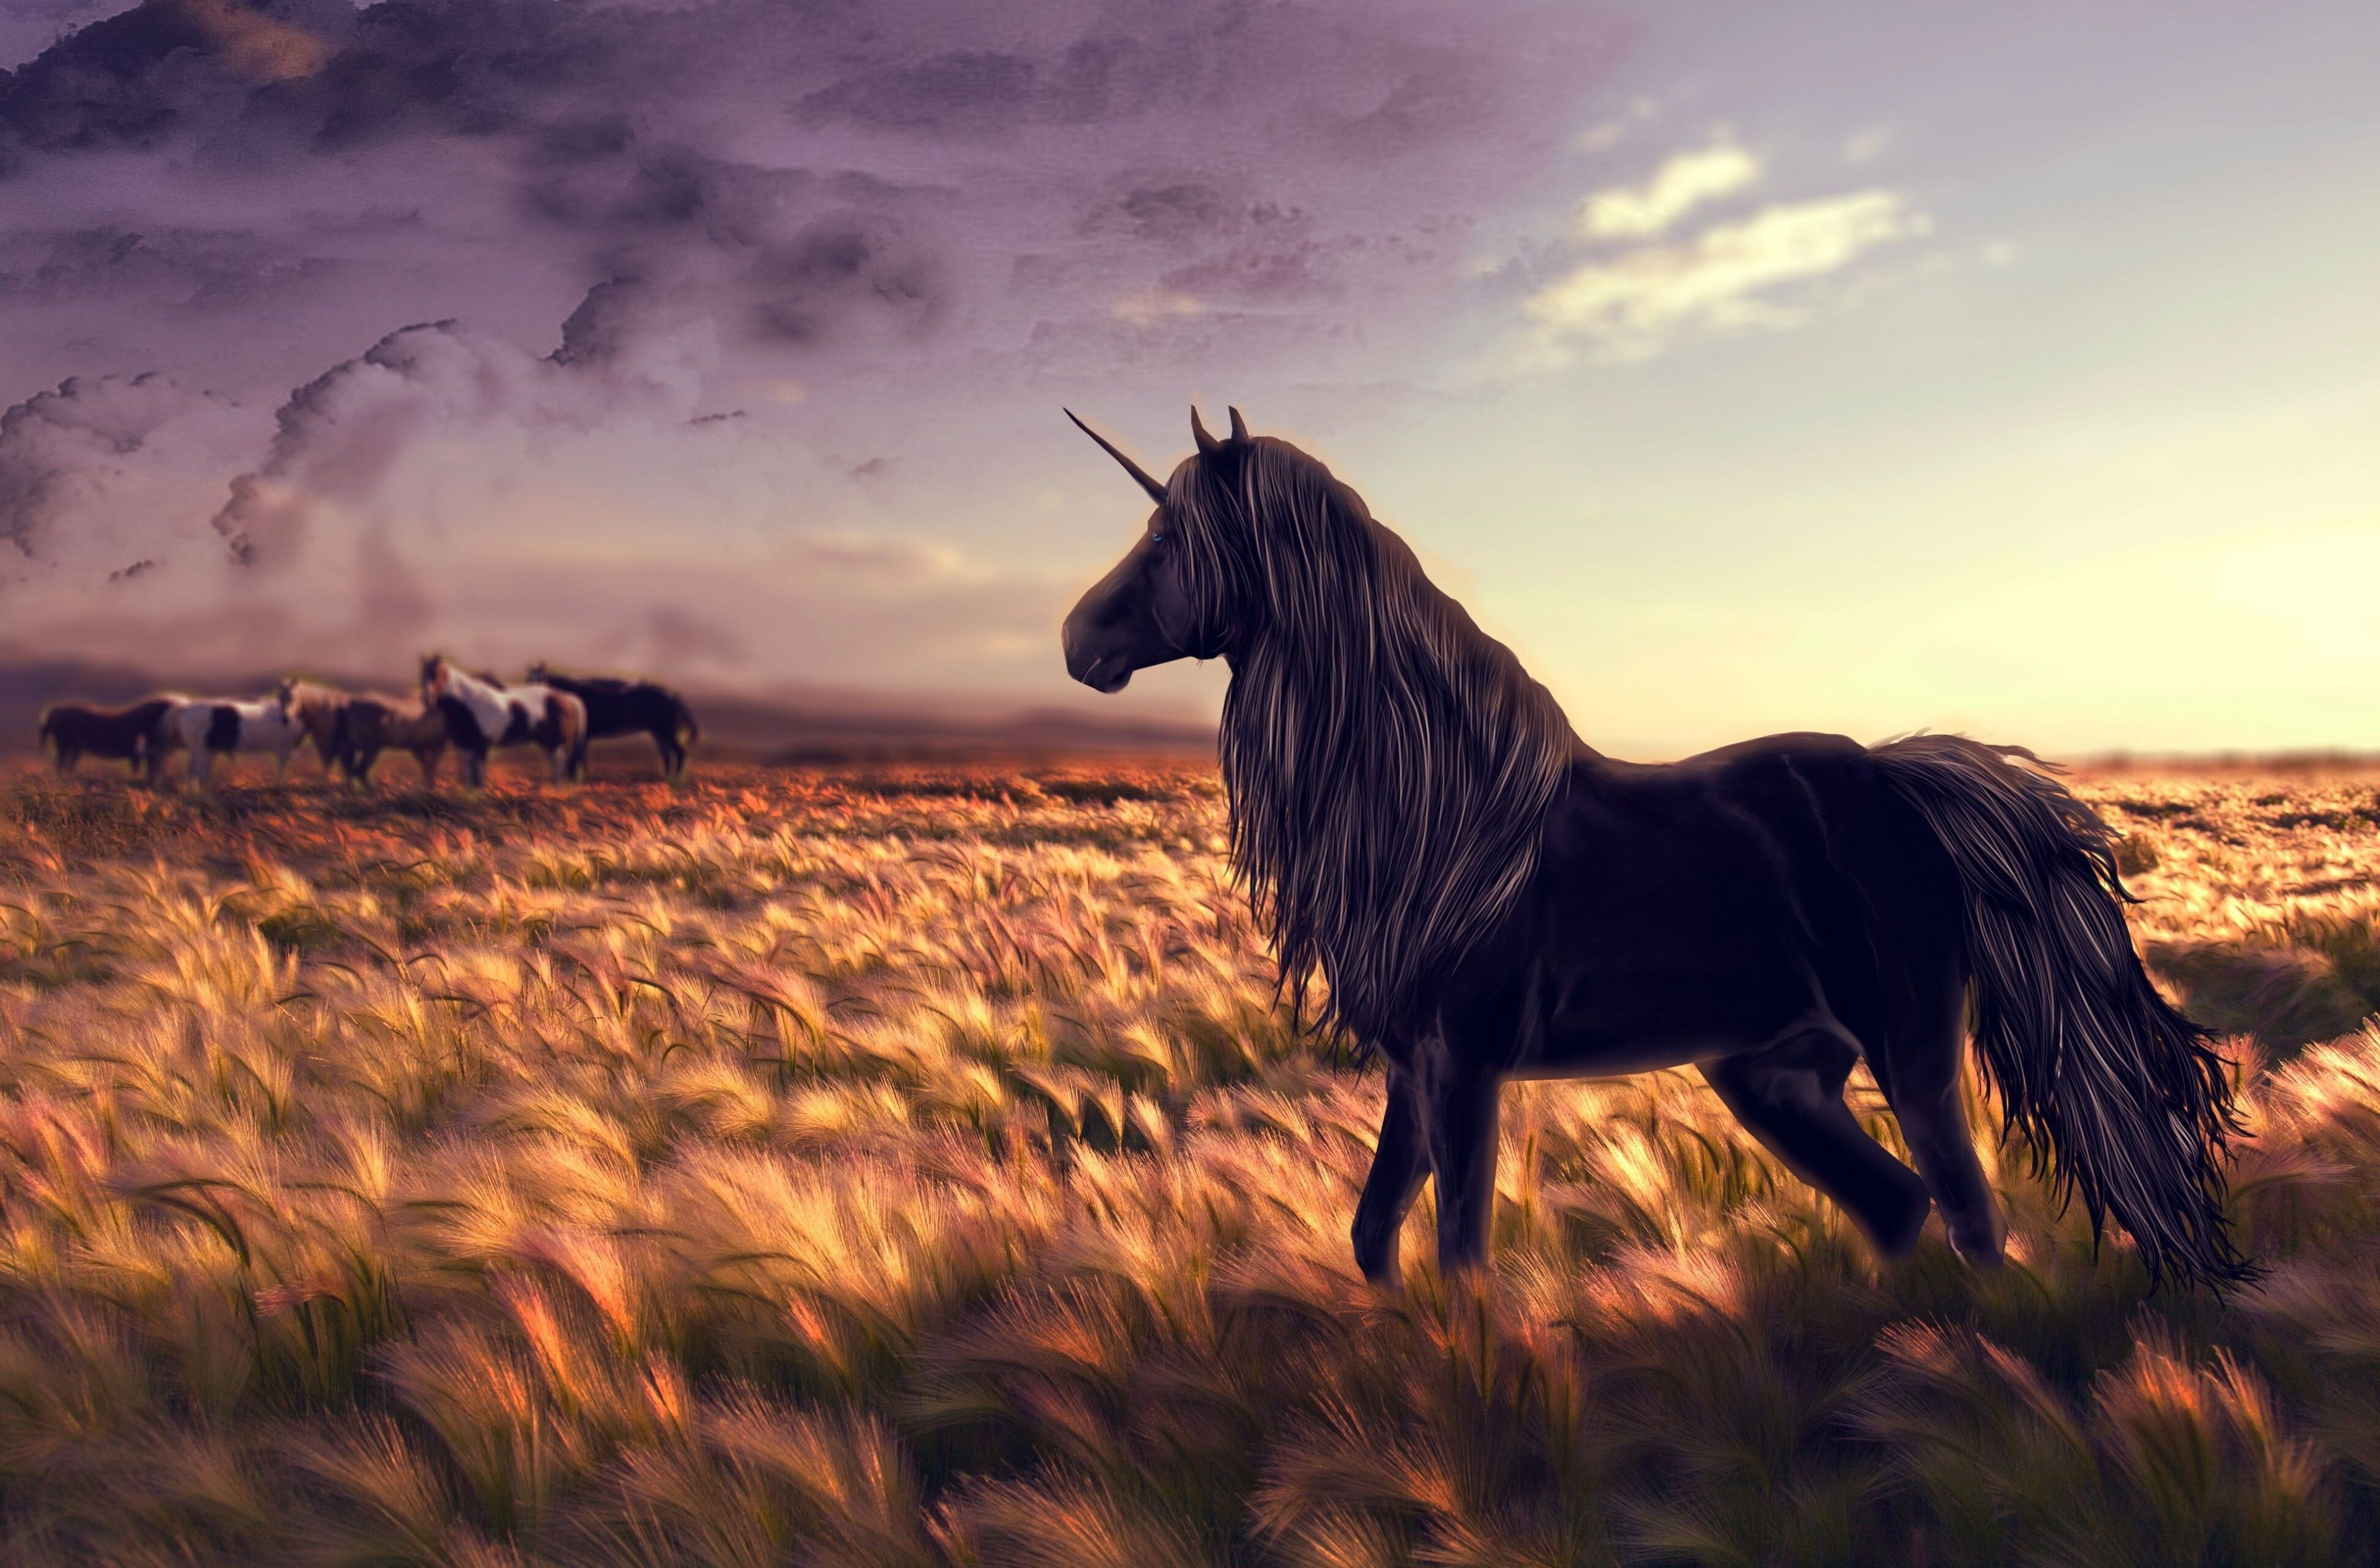 Fantastic Wallpaper Horse Windows - d5aef0902ce0974dd39ab5a6699bbfb6  Photograph_85837.jpg